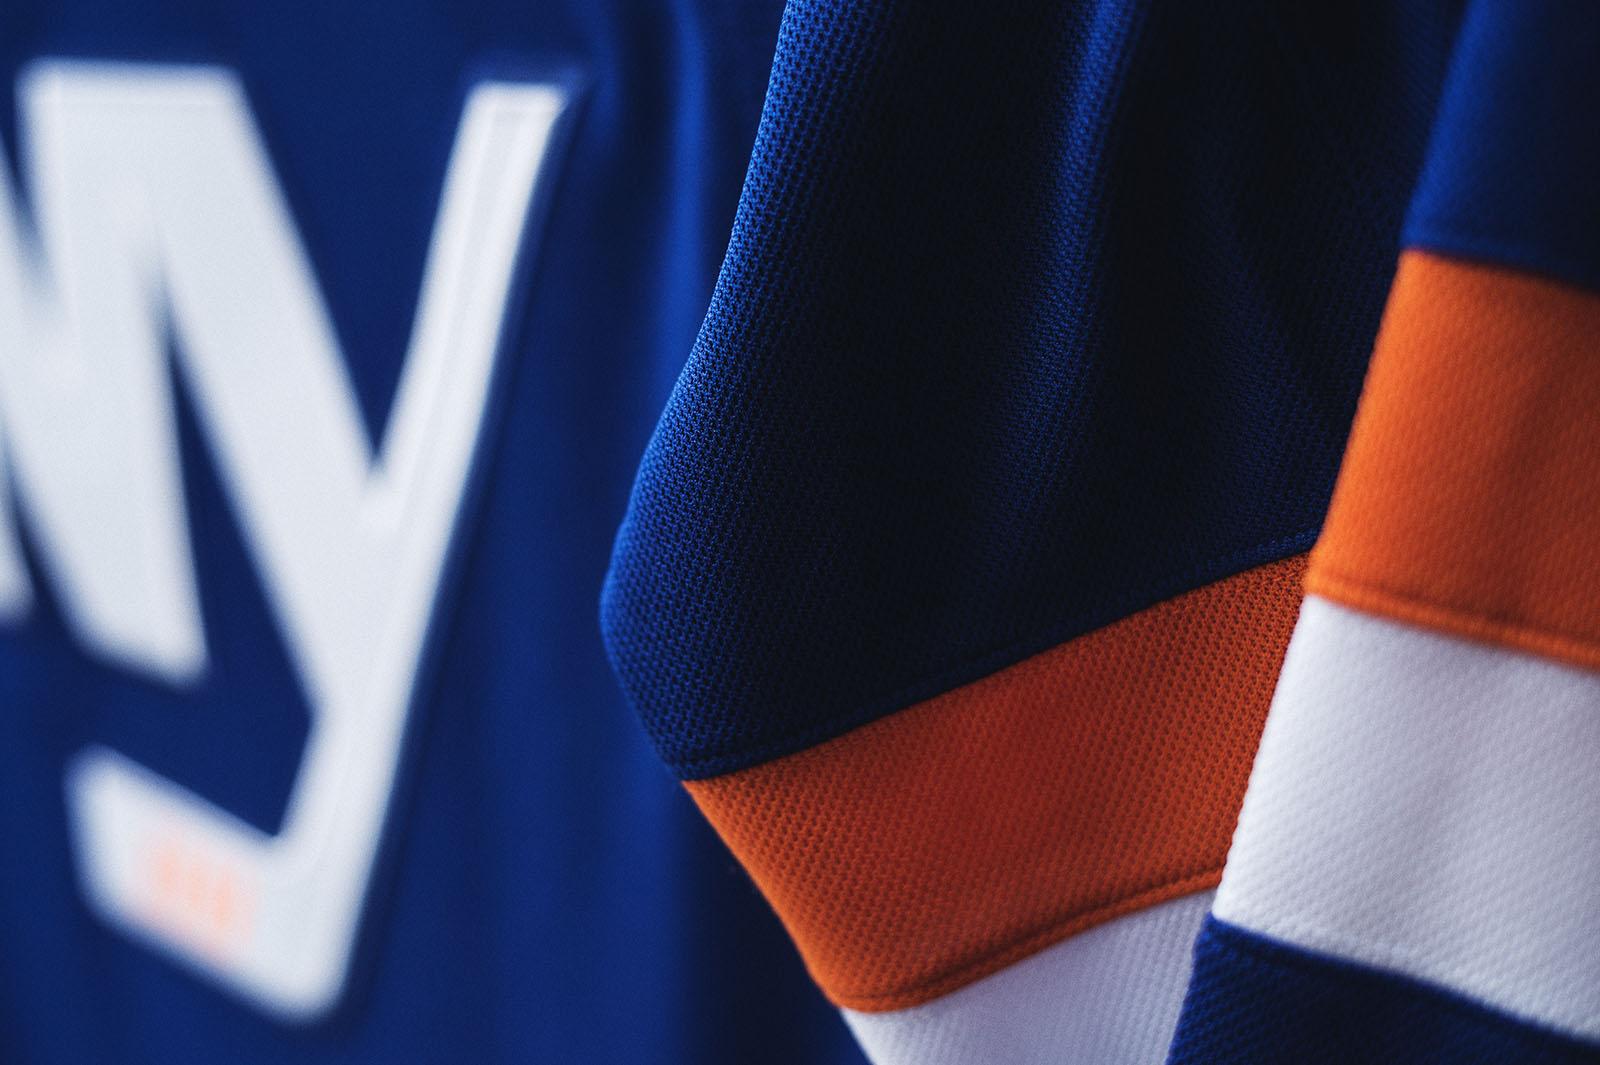 adidasHokcey_Islanders_3rdJersey_009.jpg